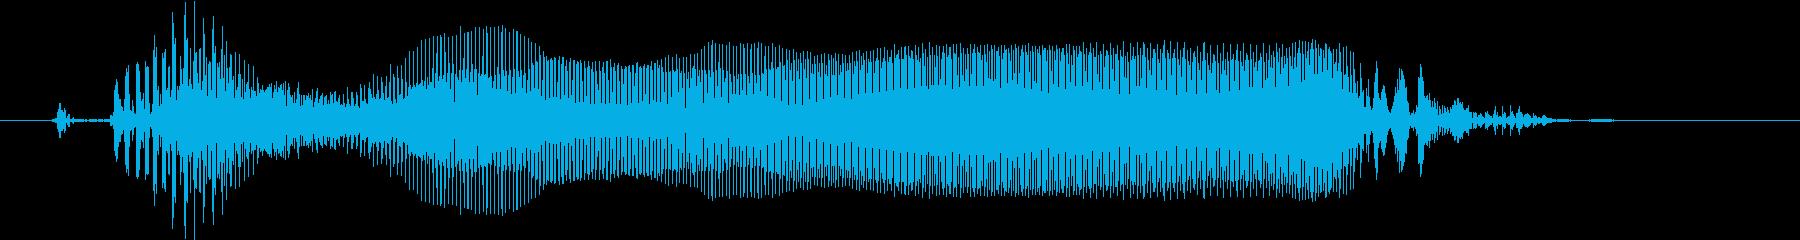 おはよーっ!(可愛い女の子、ぶりっ子な)の再生済みの波形